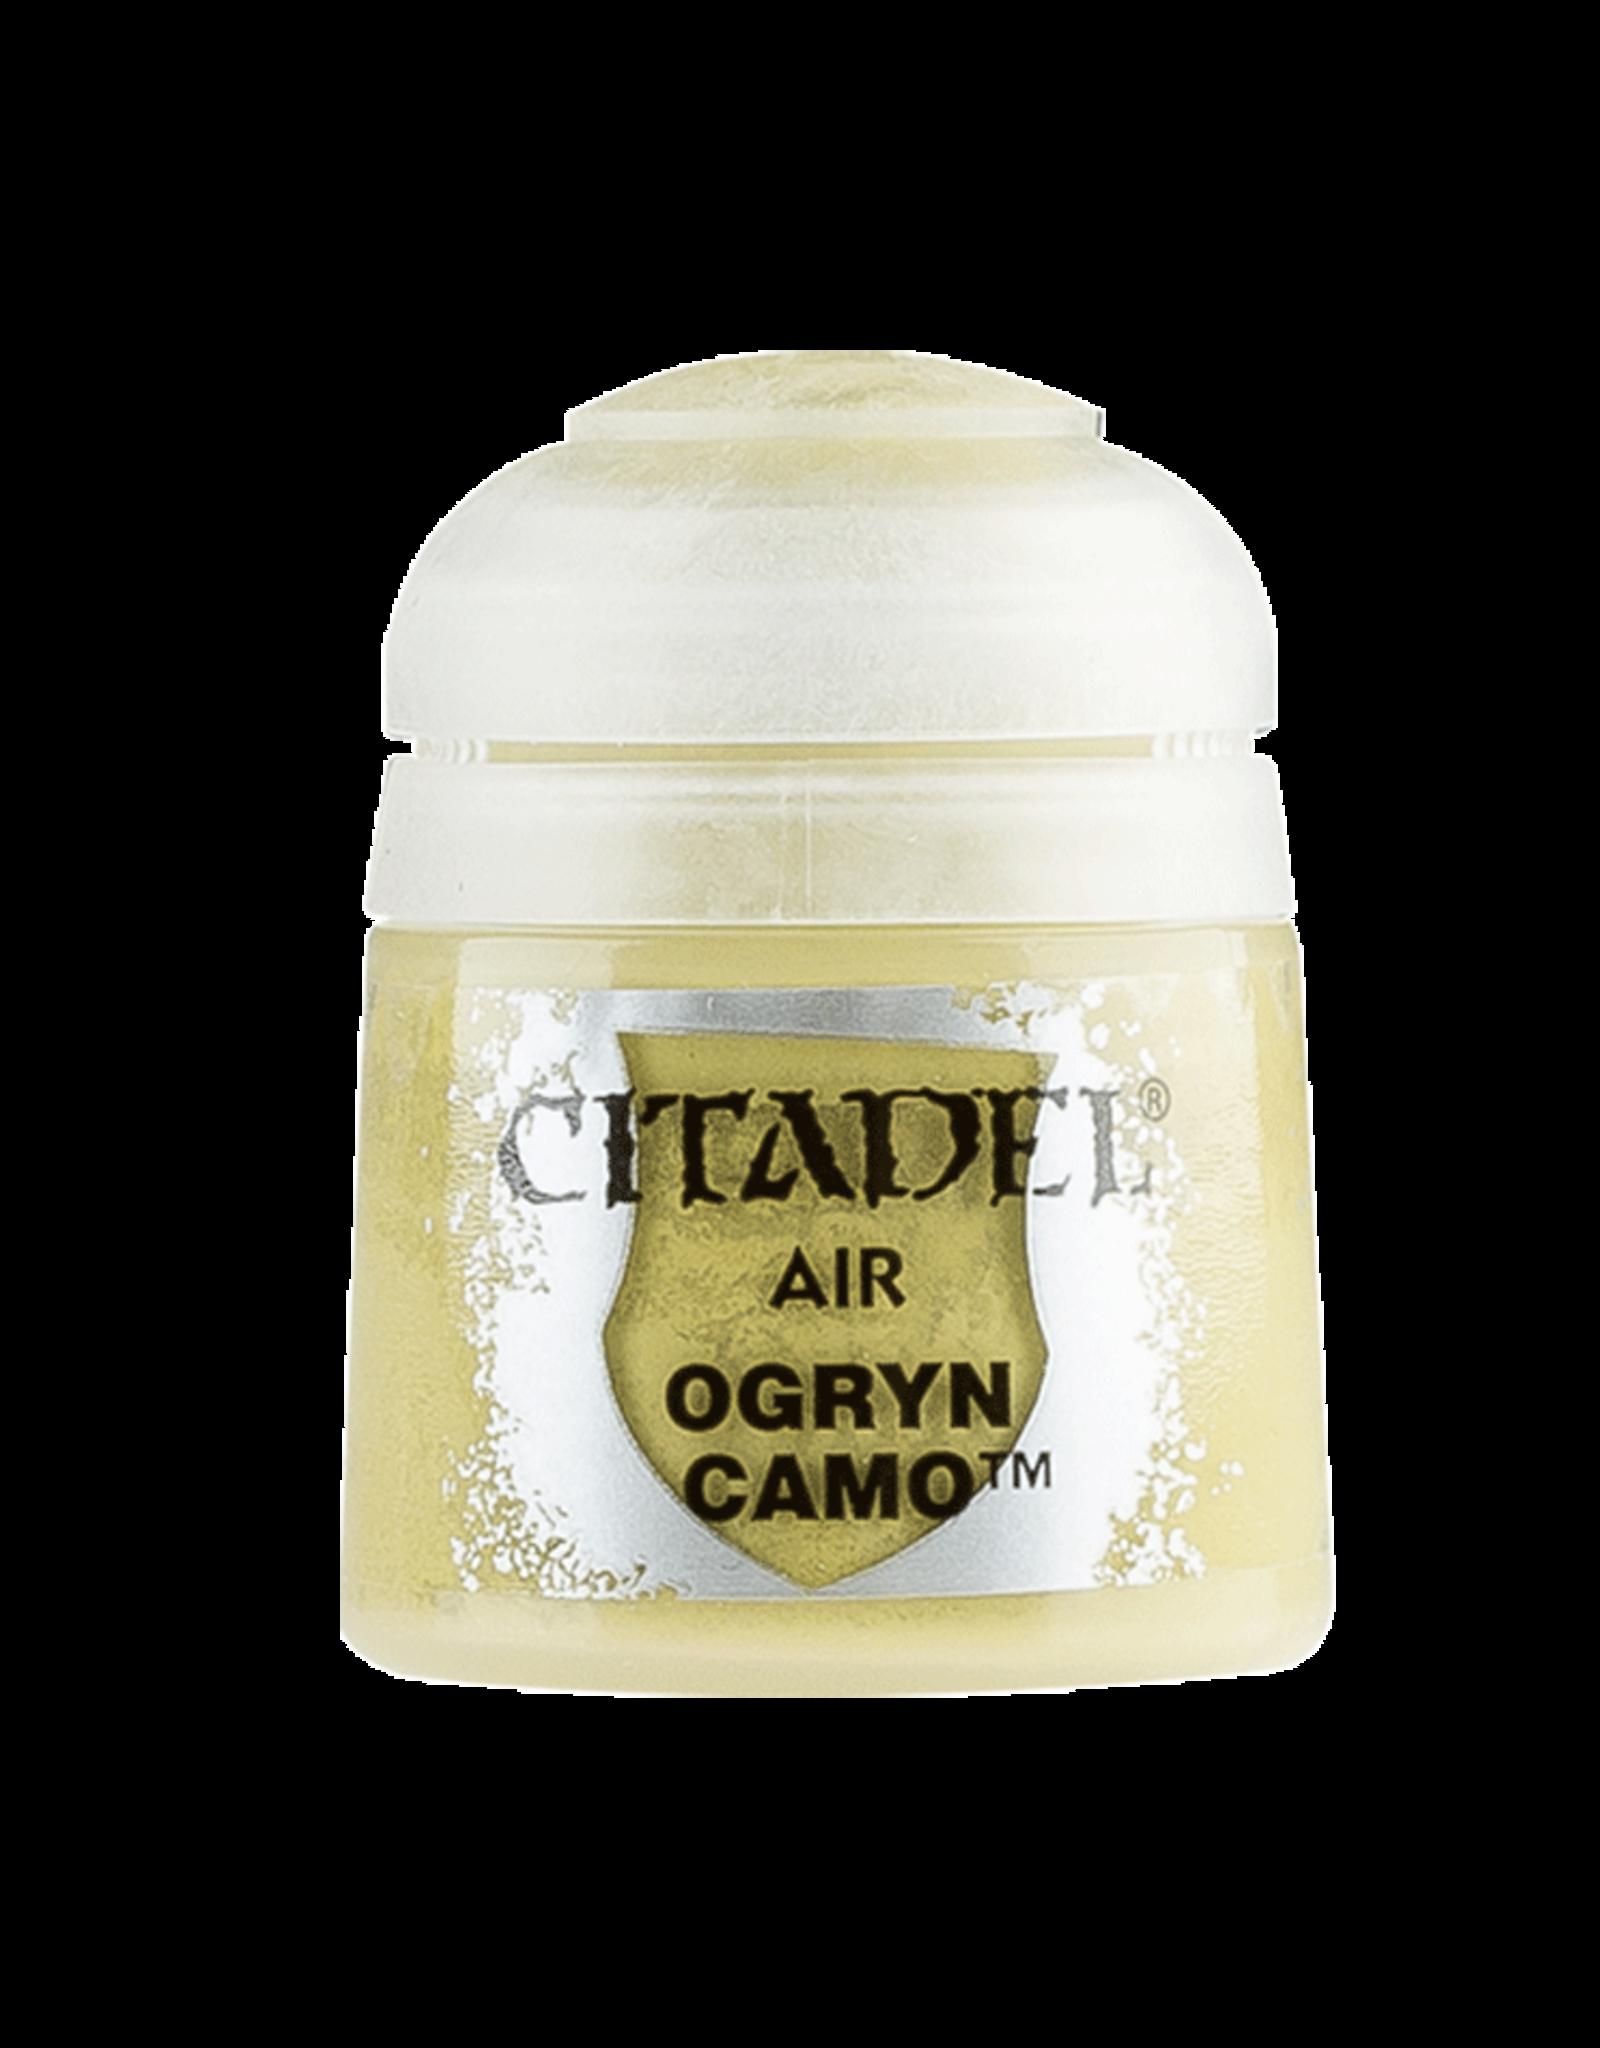 Citadel Citadel Air: Ogryn Camo (24ml)